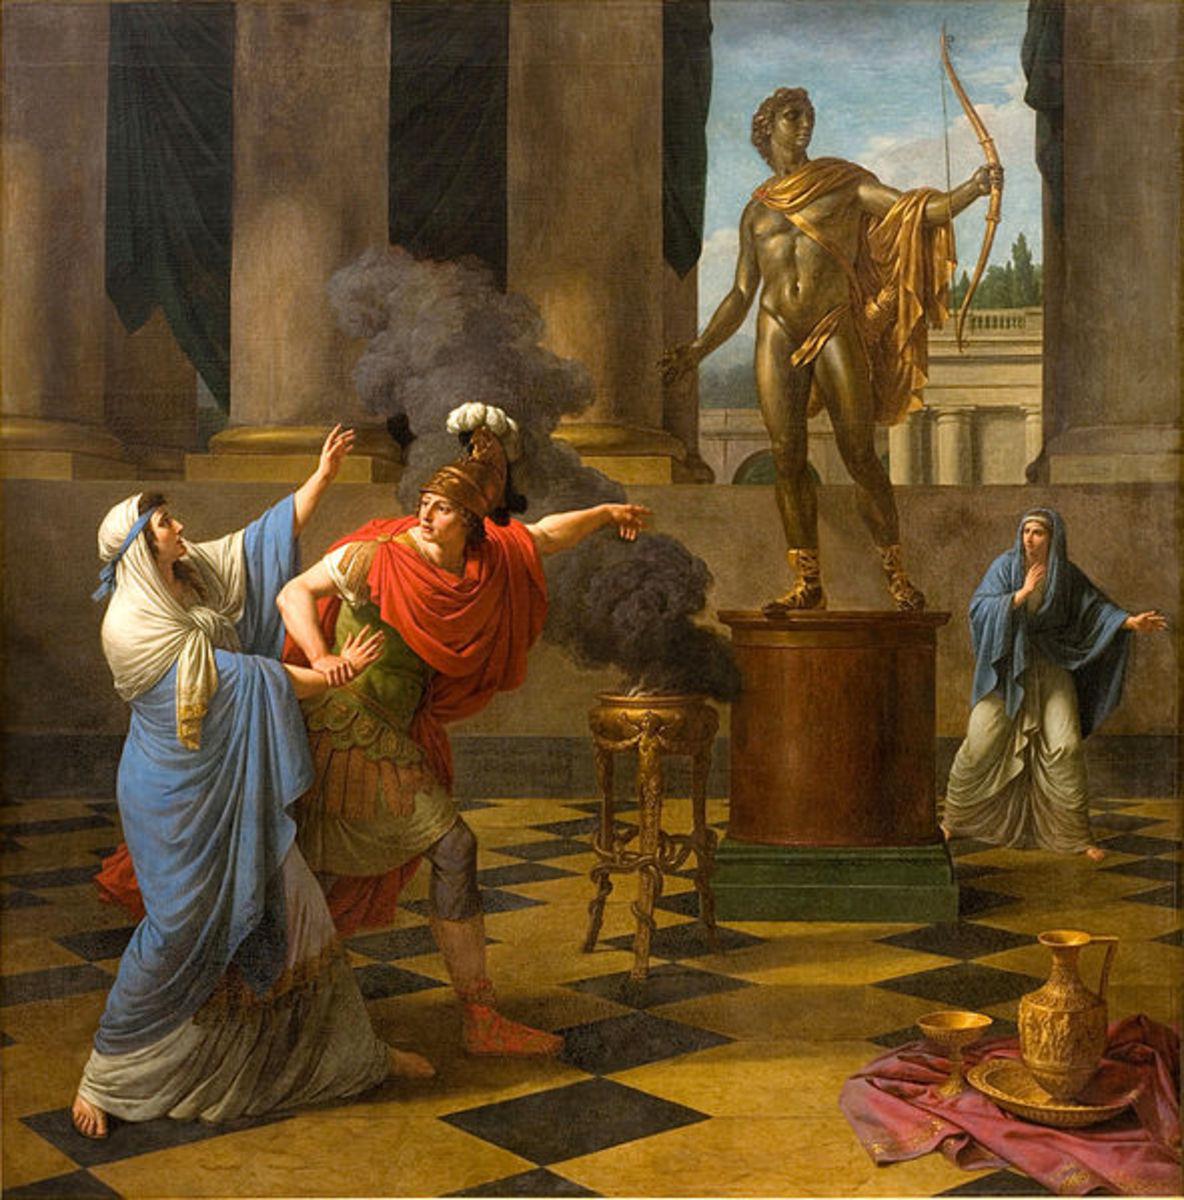 Louis-Jean-François Lagrenée (1724–1805) PD-art-100